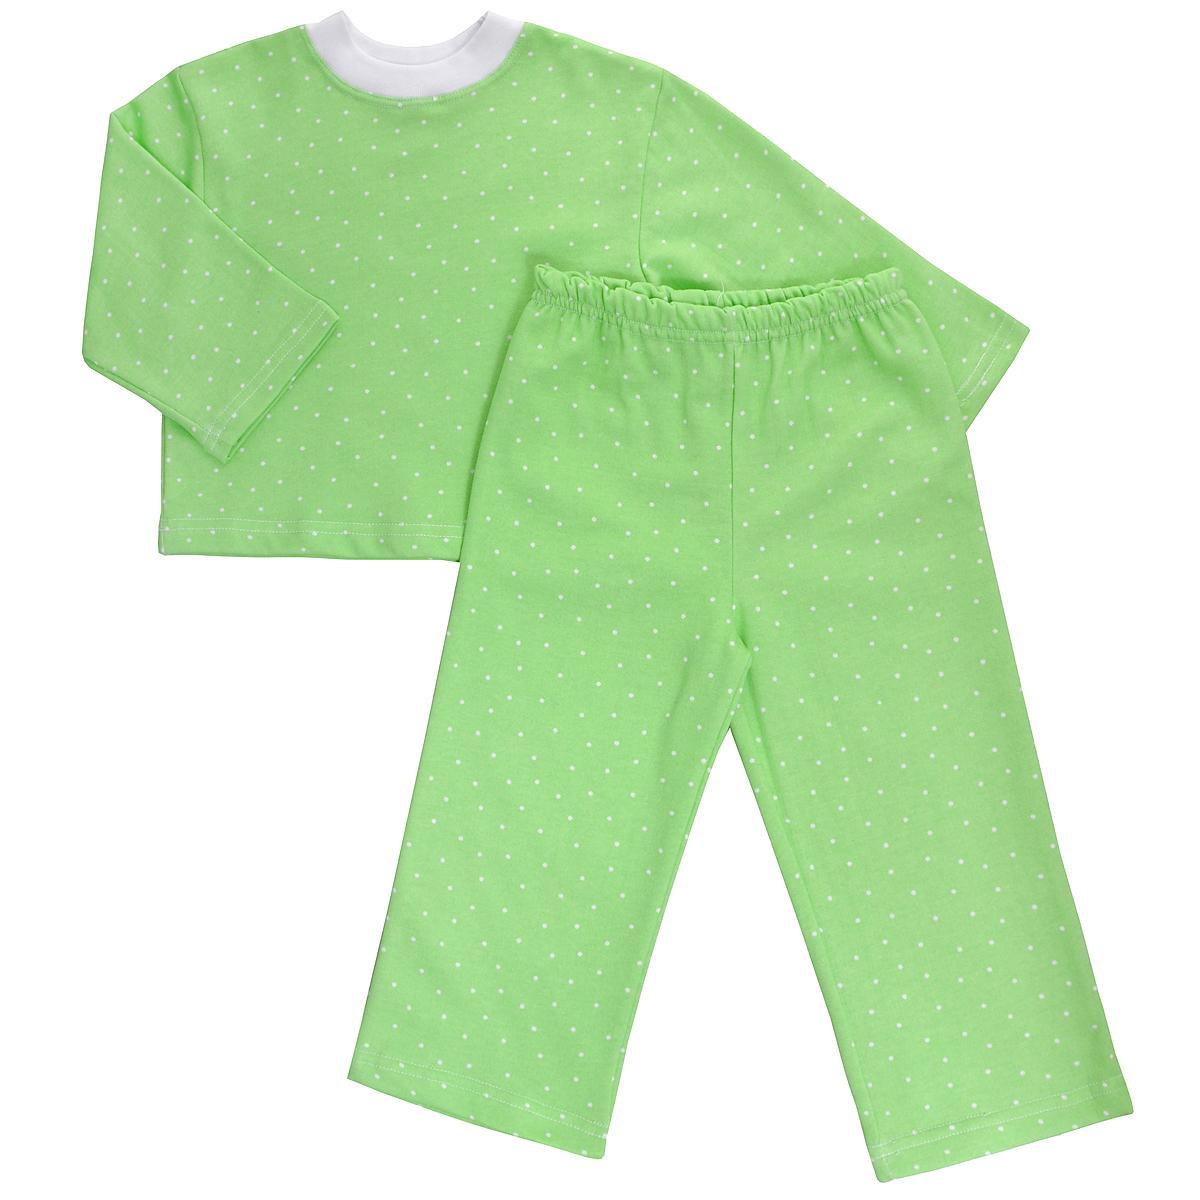 Пижама детская Трон-плюс, цвет: салатовый, белый, рисунок горох. 5553. Размер 86/92, 2-3 года5553Яркая детская пижама Трон-плюс, состоящая из кофточки и штанишек, идеально подойдет вашему малышу и станет отличным дополнением к детскому гардеробу. Теплая пижама, изготовленная из набивного футера - натурального хлопка, необычайно мягкая и легкая, не сковывает движения ребенка, позволяет коже дышать и не раздражает даже самую нежную и чувствительную кожу малыша. Кофта с длинными рукавами имеет круглый вырез горловины. Штанишки на удобной резинке не сдавливают животик ребенка и не сползают.В такой пижаме ваш ребенок будет чувствовать себя комфортно и уютно во время сна.